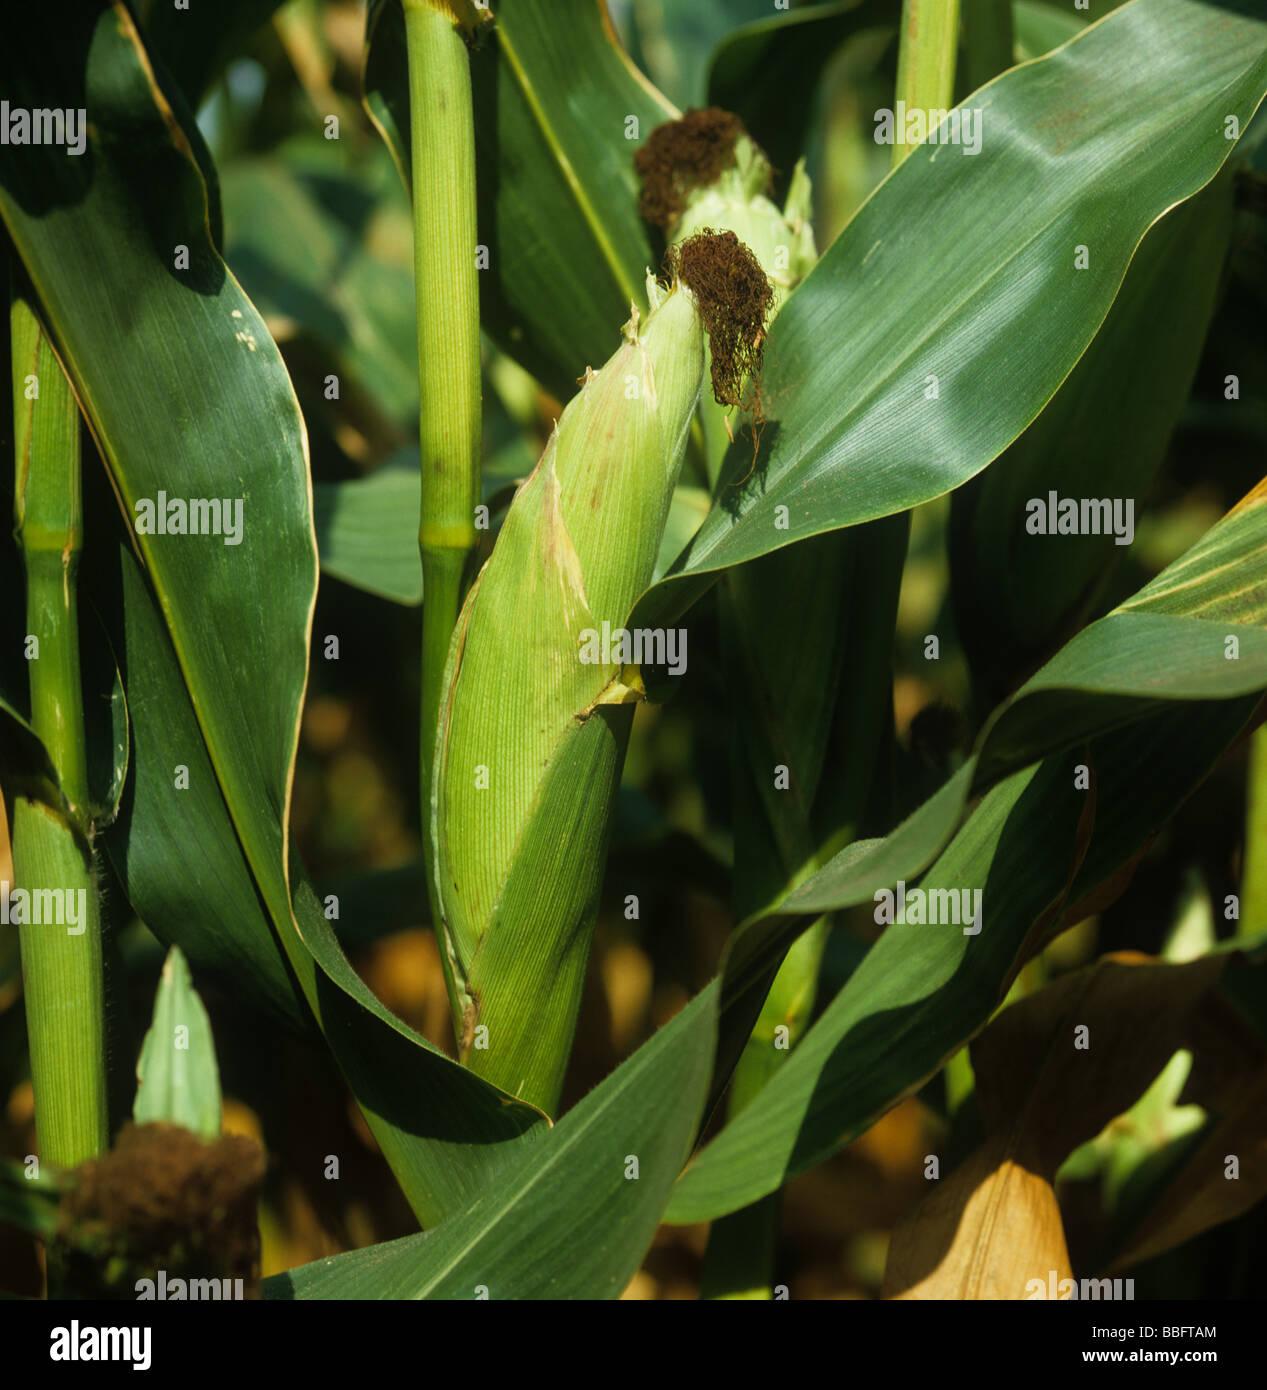 Mazorca de maíz maduro y receptores hembras fertilizados en la planta de cosecha Imagen De Stock